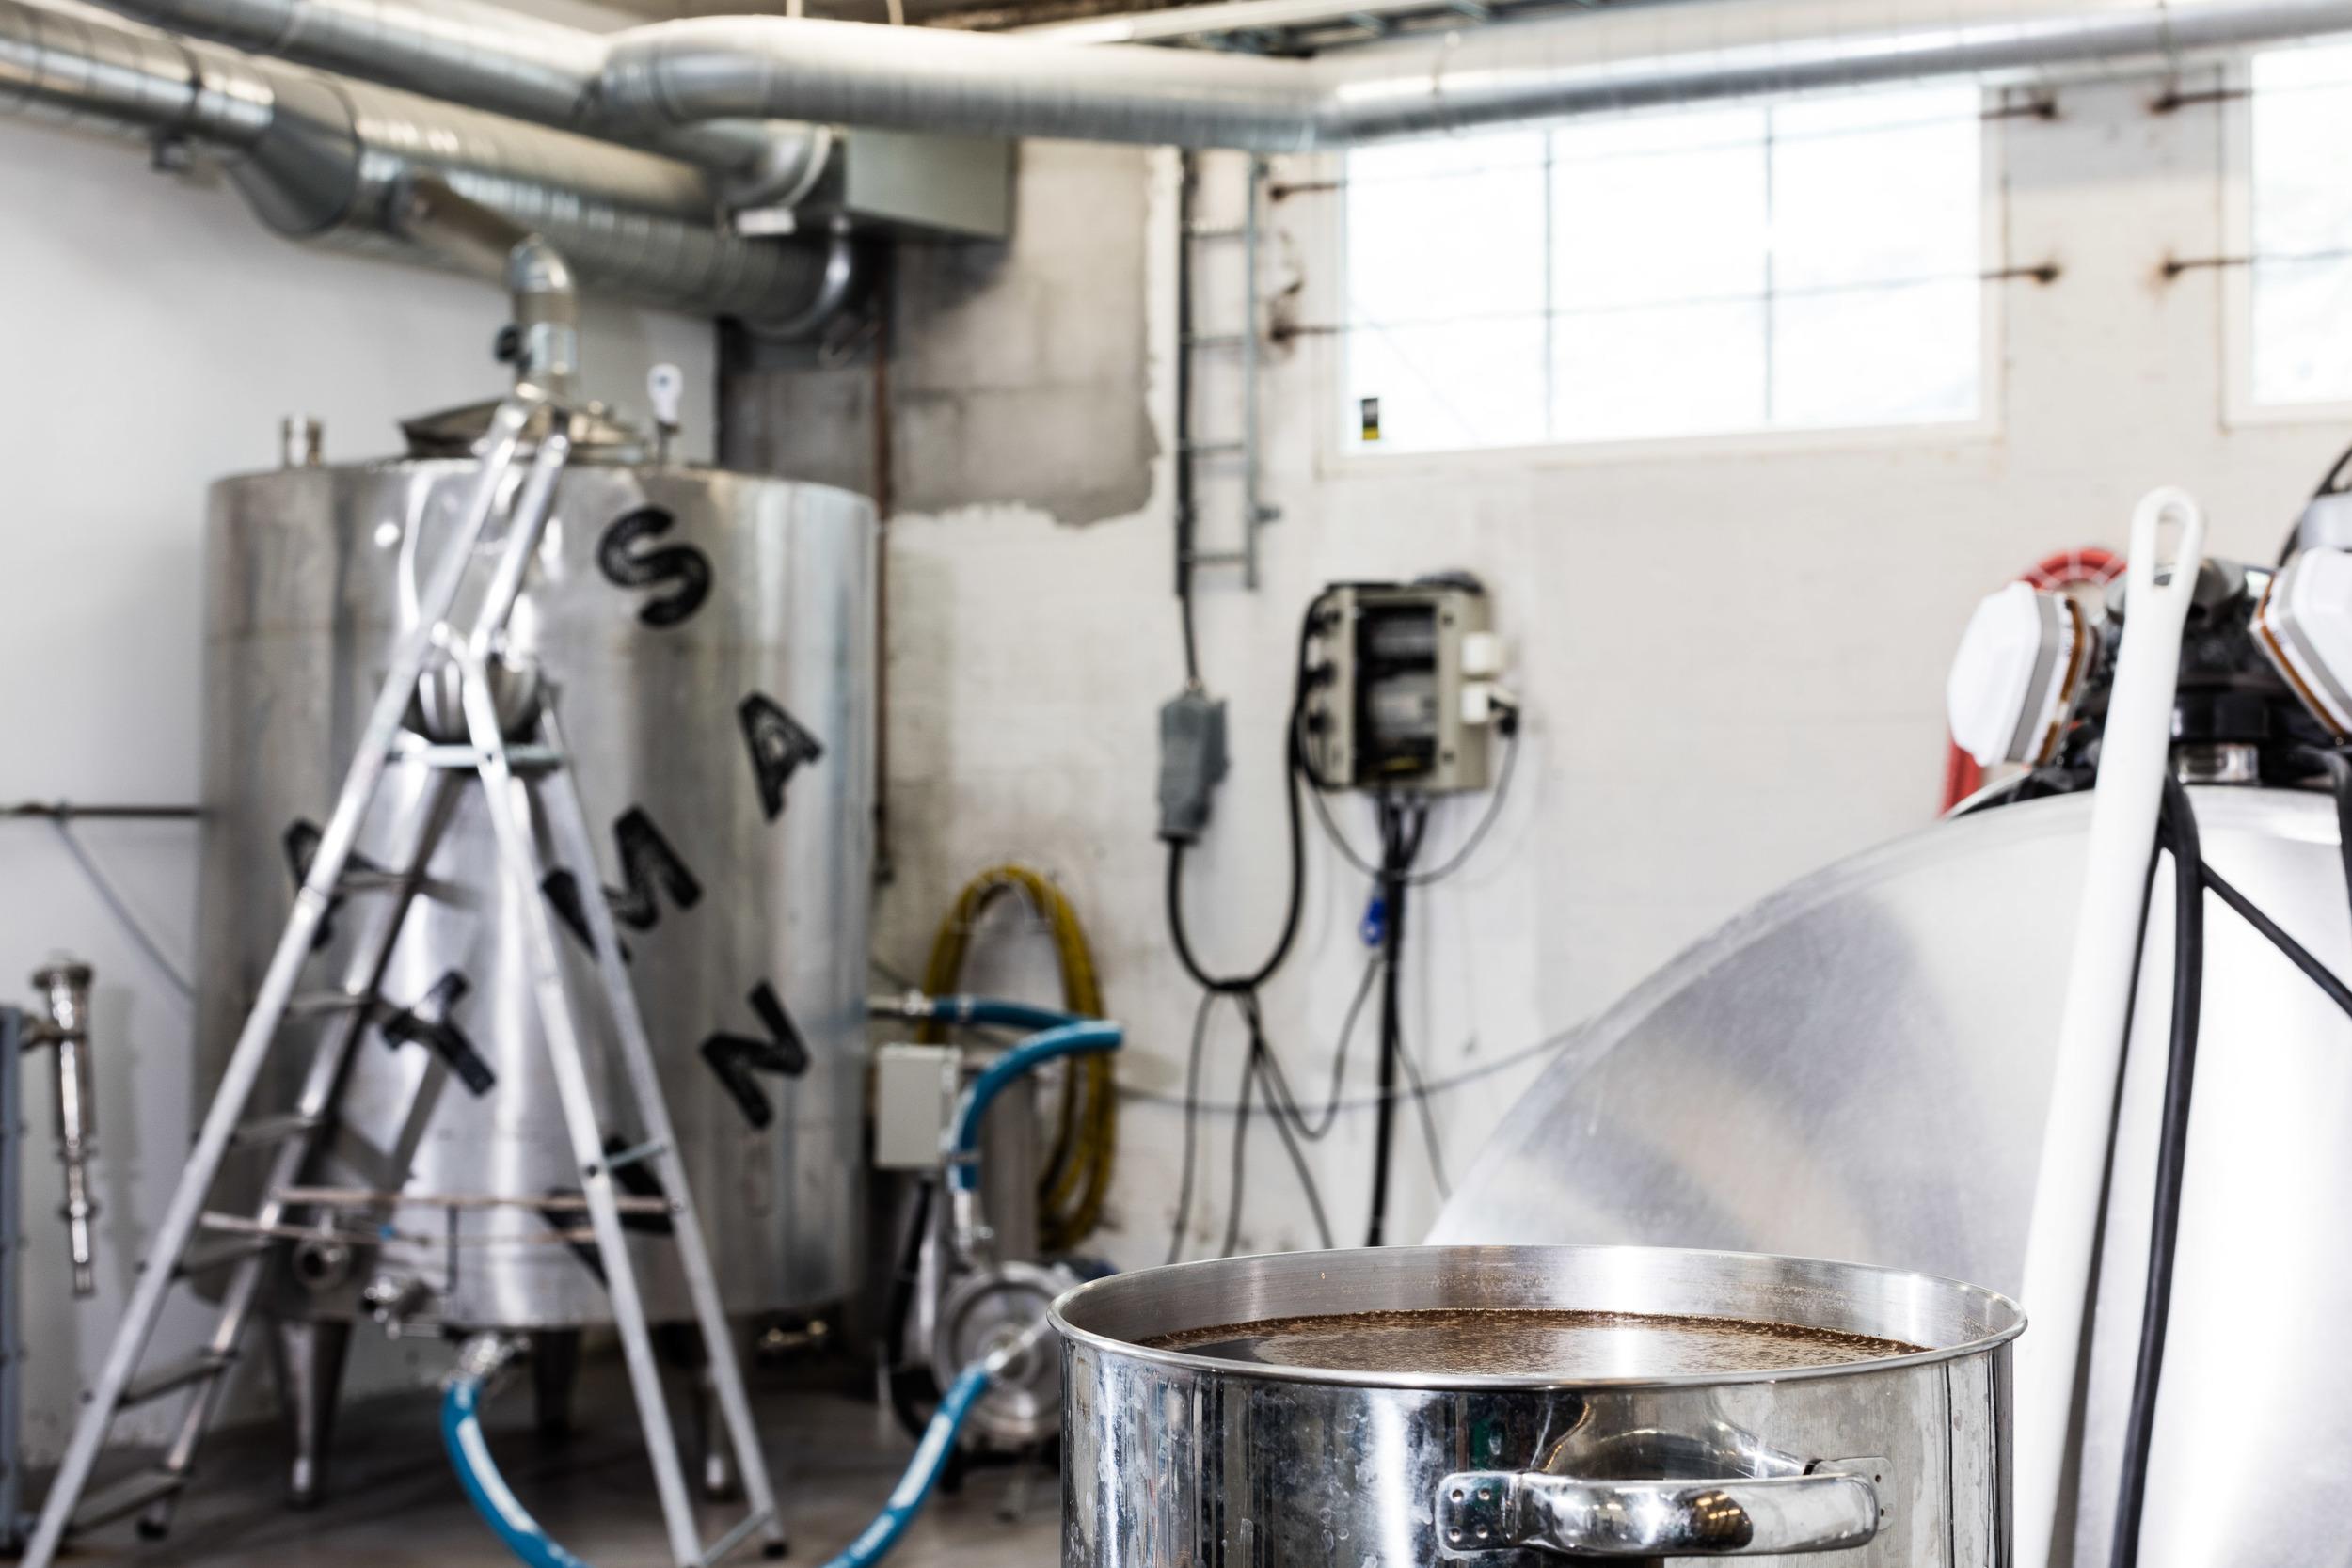 Austmann bryggeri er et norsk håndverksbryggeri som setter kvalitet og håndverk først